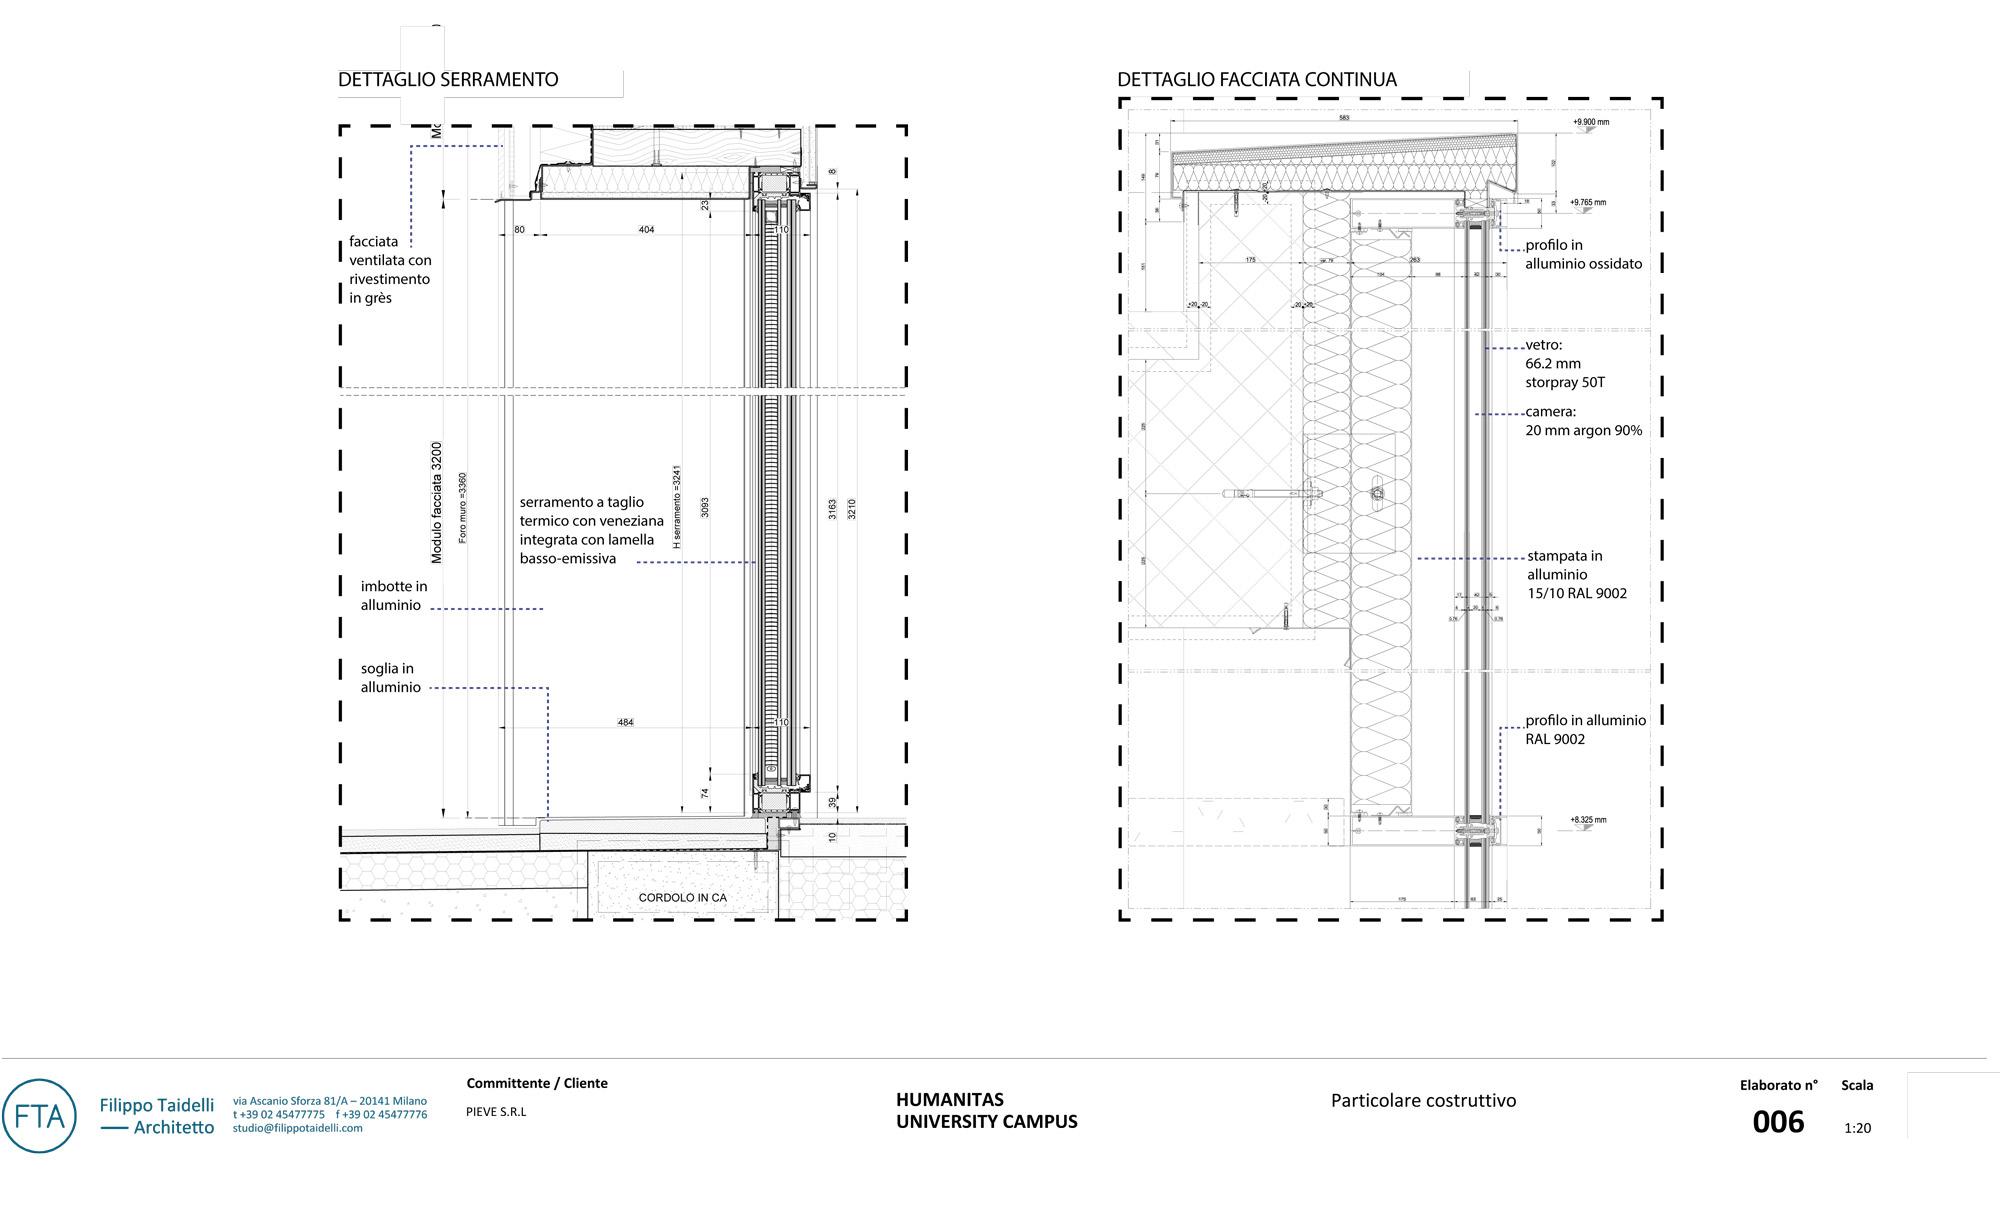 A detail © FTA - Filippo Taidelli Architetto